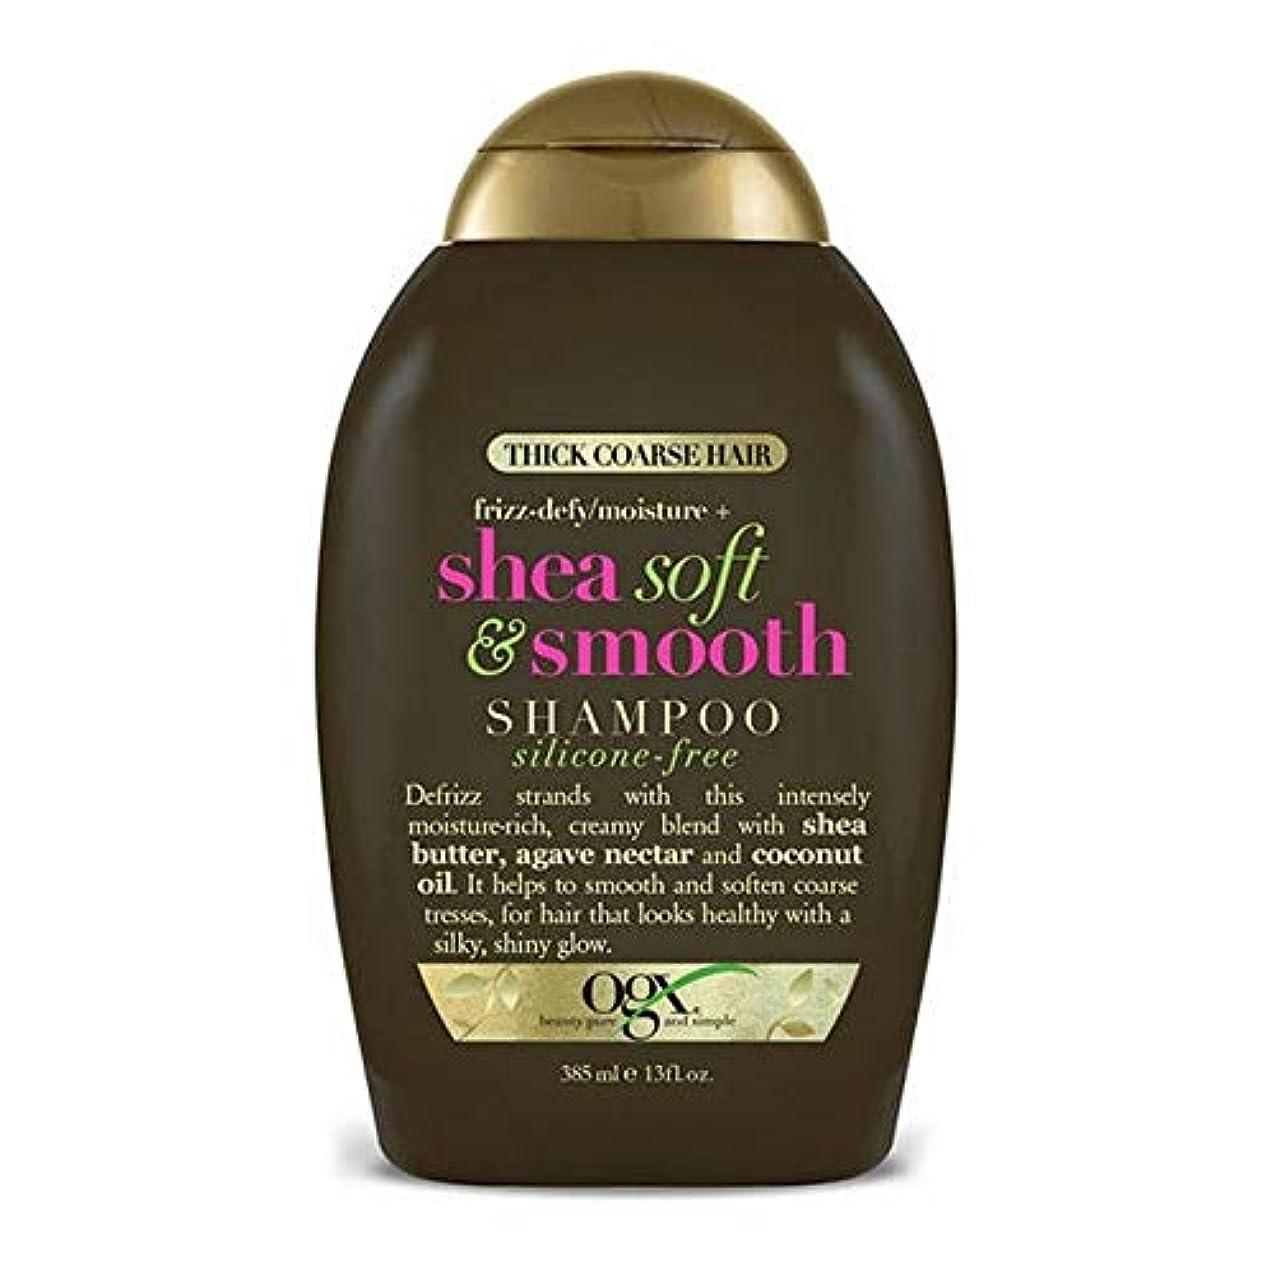 避けられない特徴施設[Ogx] Ogxシリコンフリーシアソフトで滑らかなシャンプー385ミリリットル - OGX Silicone-Free Shea Soft and Smooth Shampoo 385ml [並行輸入品]